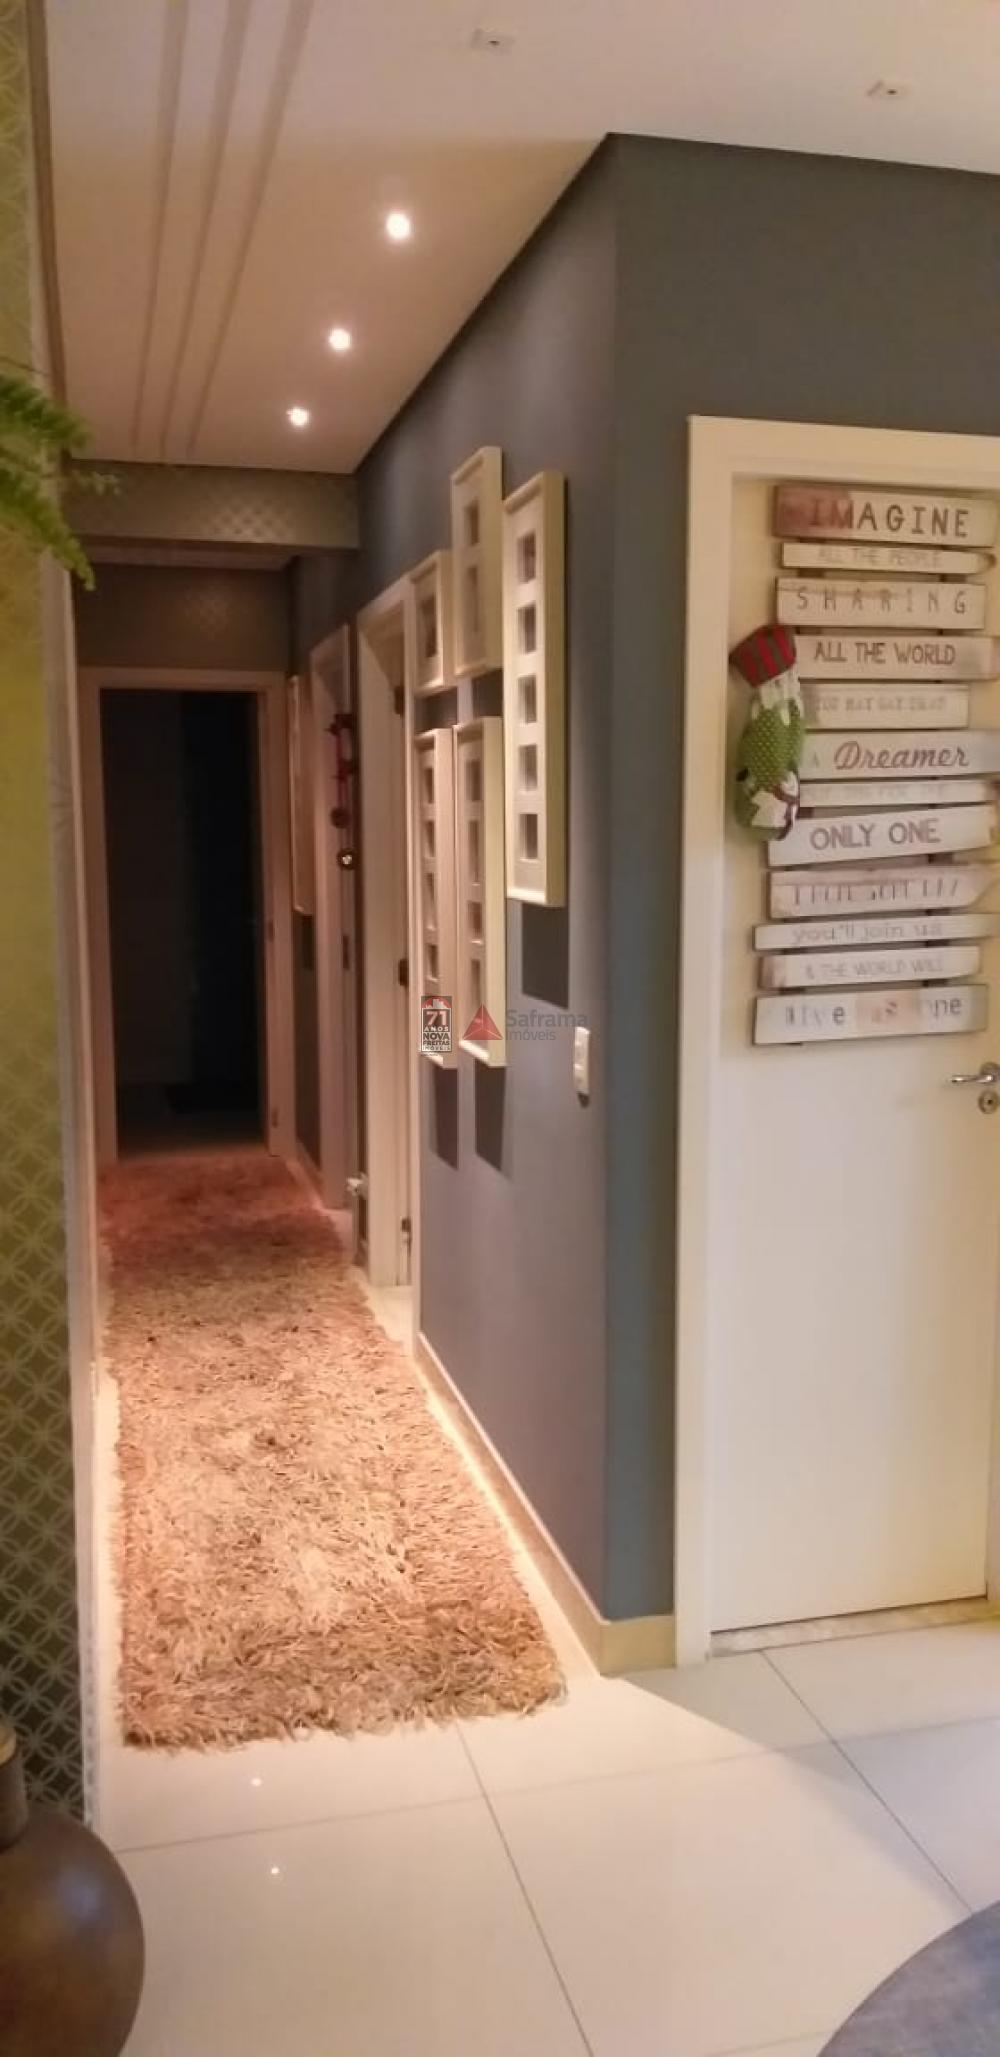 Comprar Apartamento / Padrão em São José dos Campos R$ 930.000,00 - Foto 5